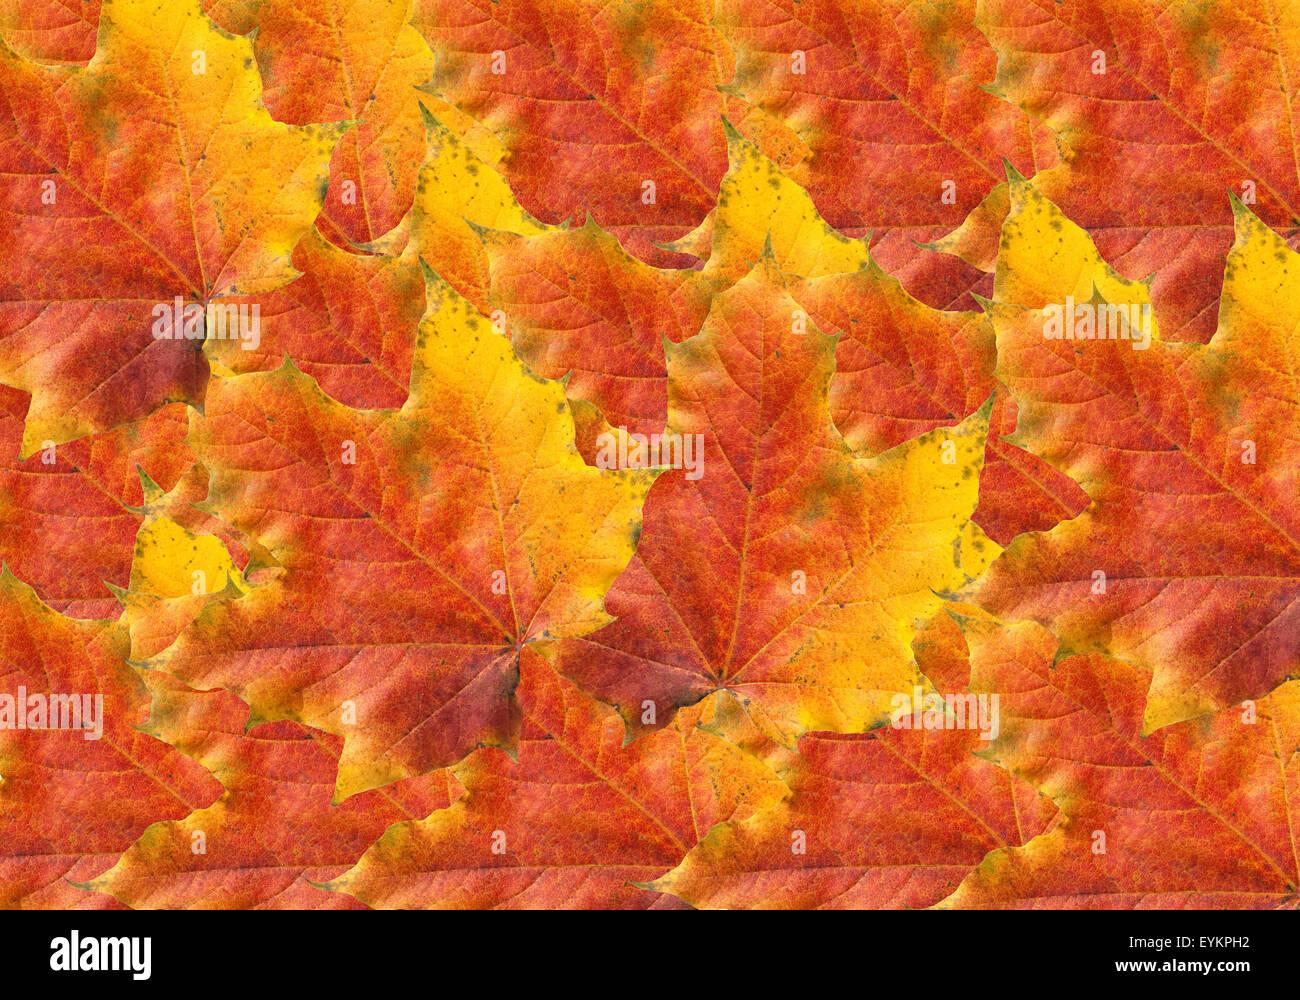 Ahornblatt, Ahornbaum, Herbstblaetter; Immagini Stock